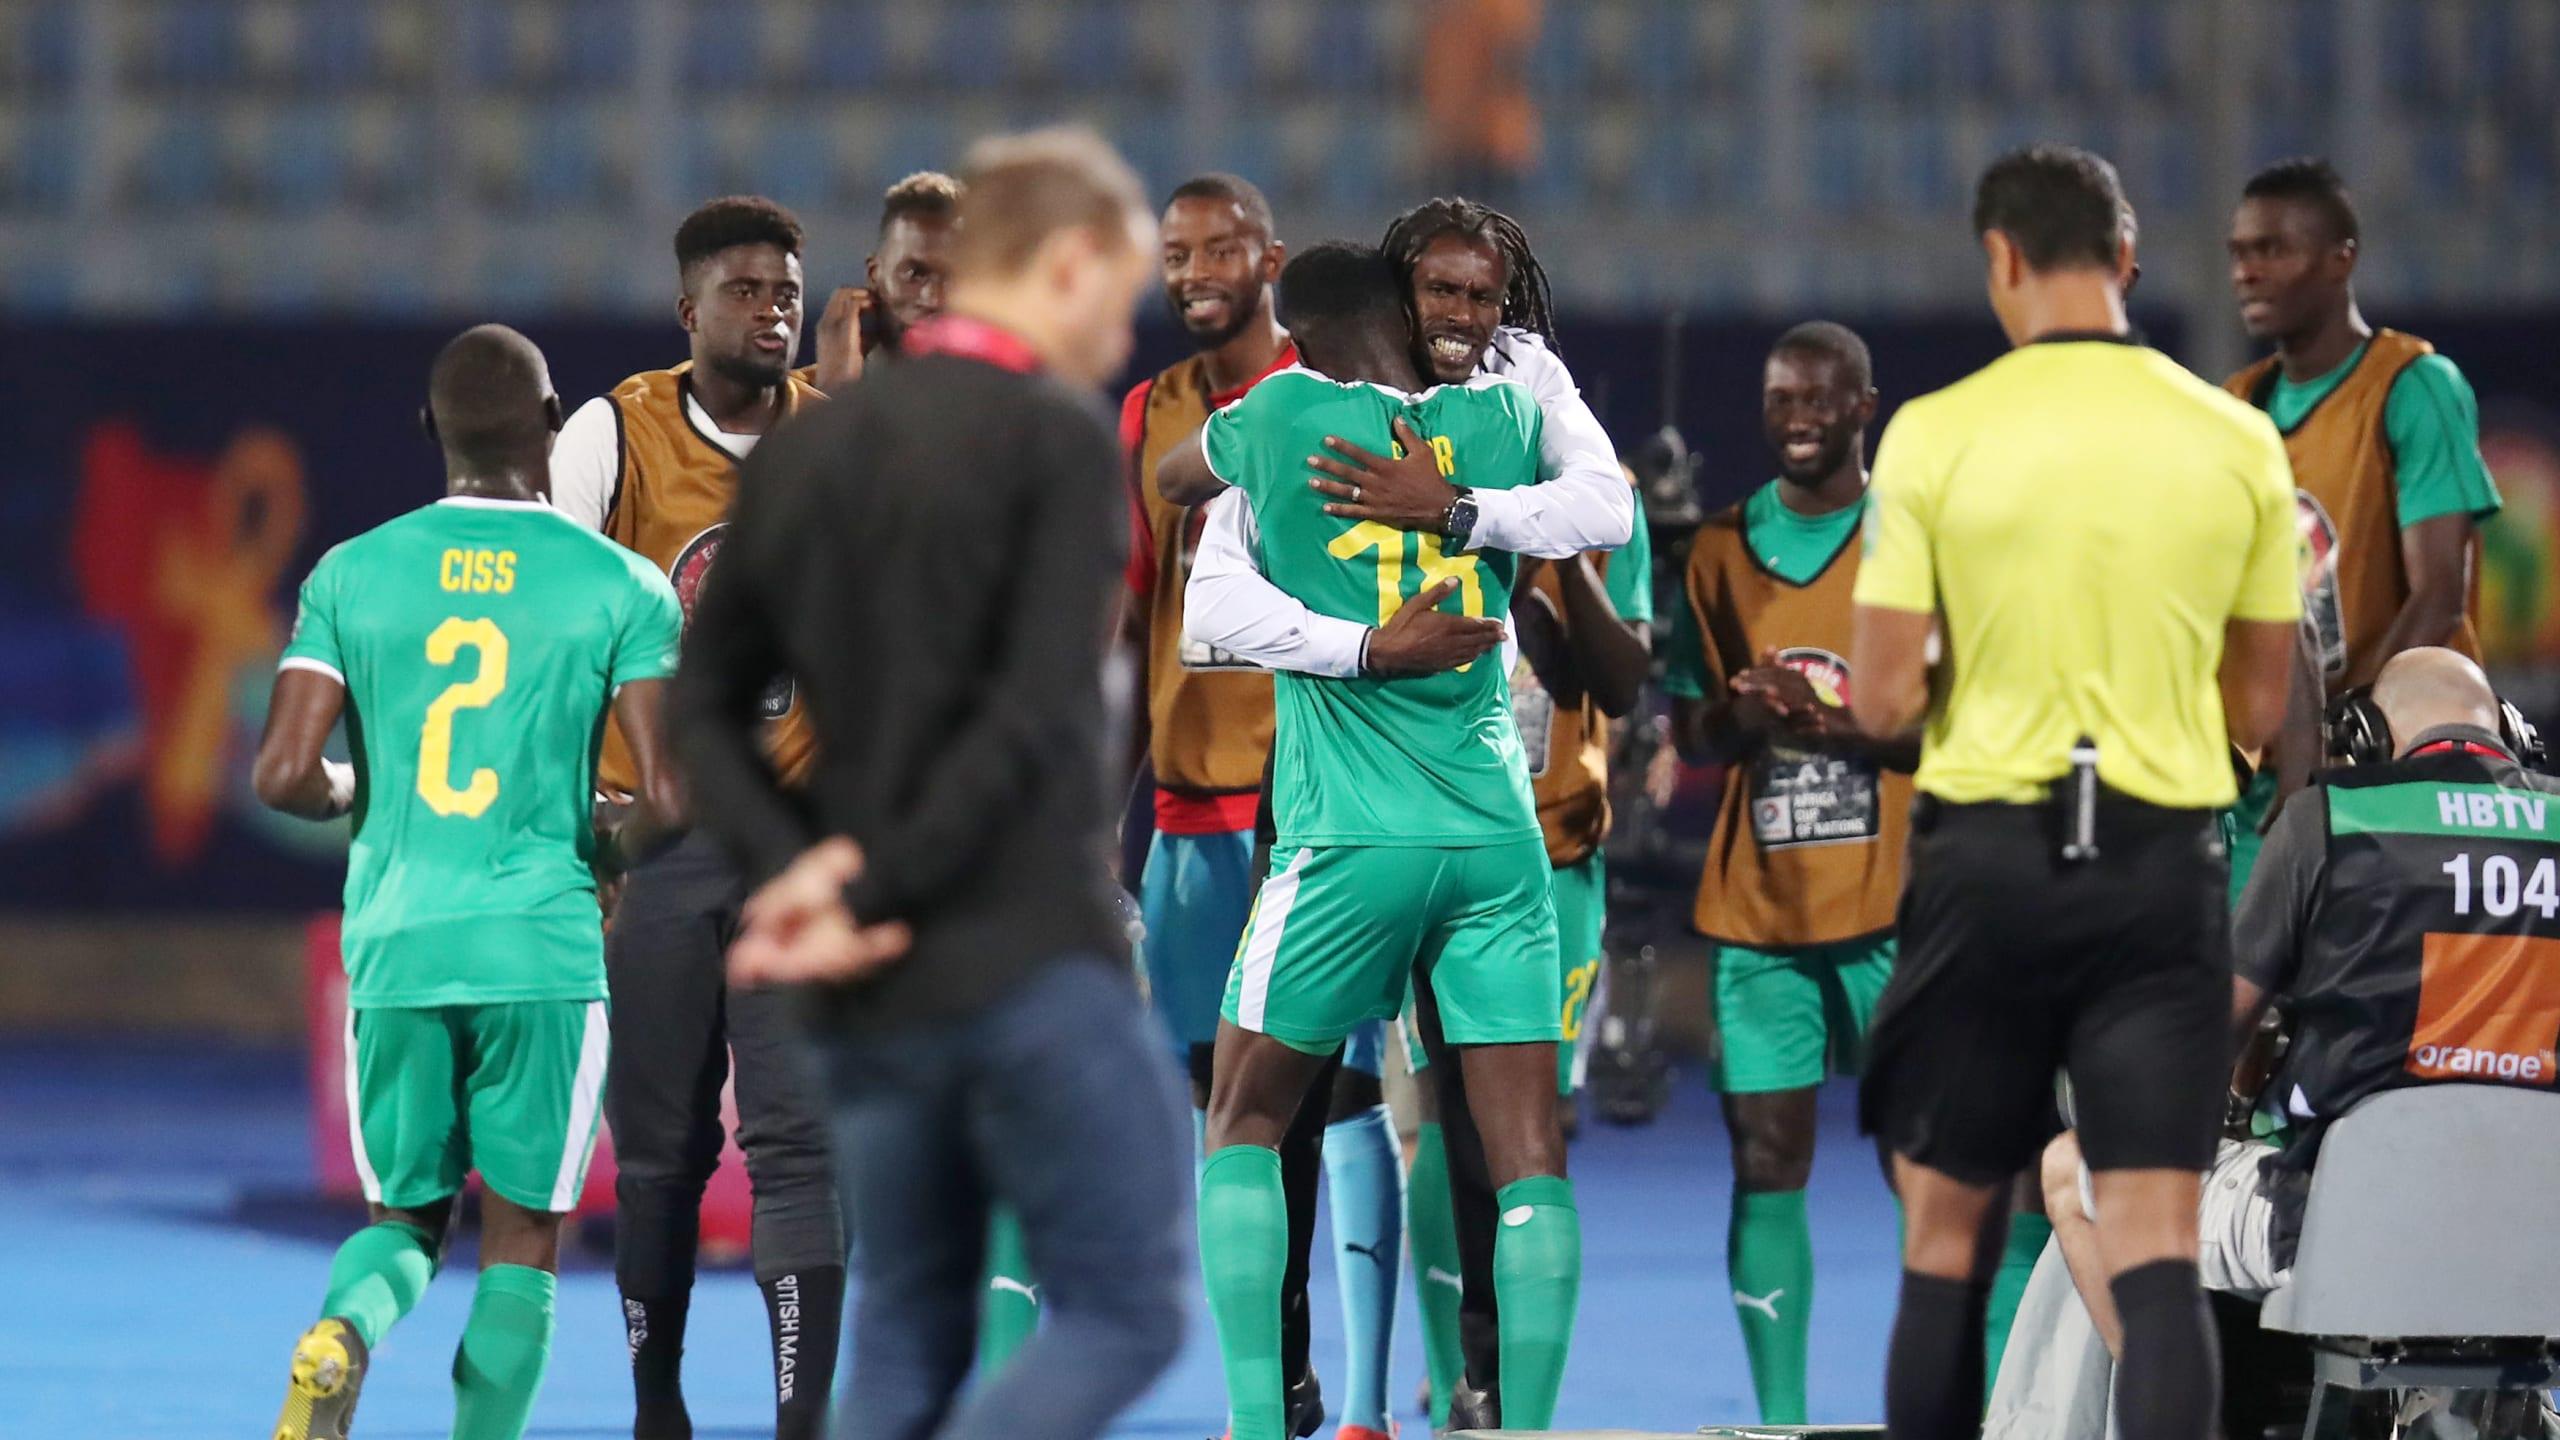 塞内加尔主帅:马内罚点球是他自己的决定,队友信任他